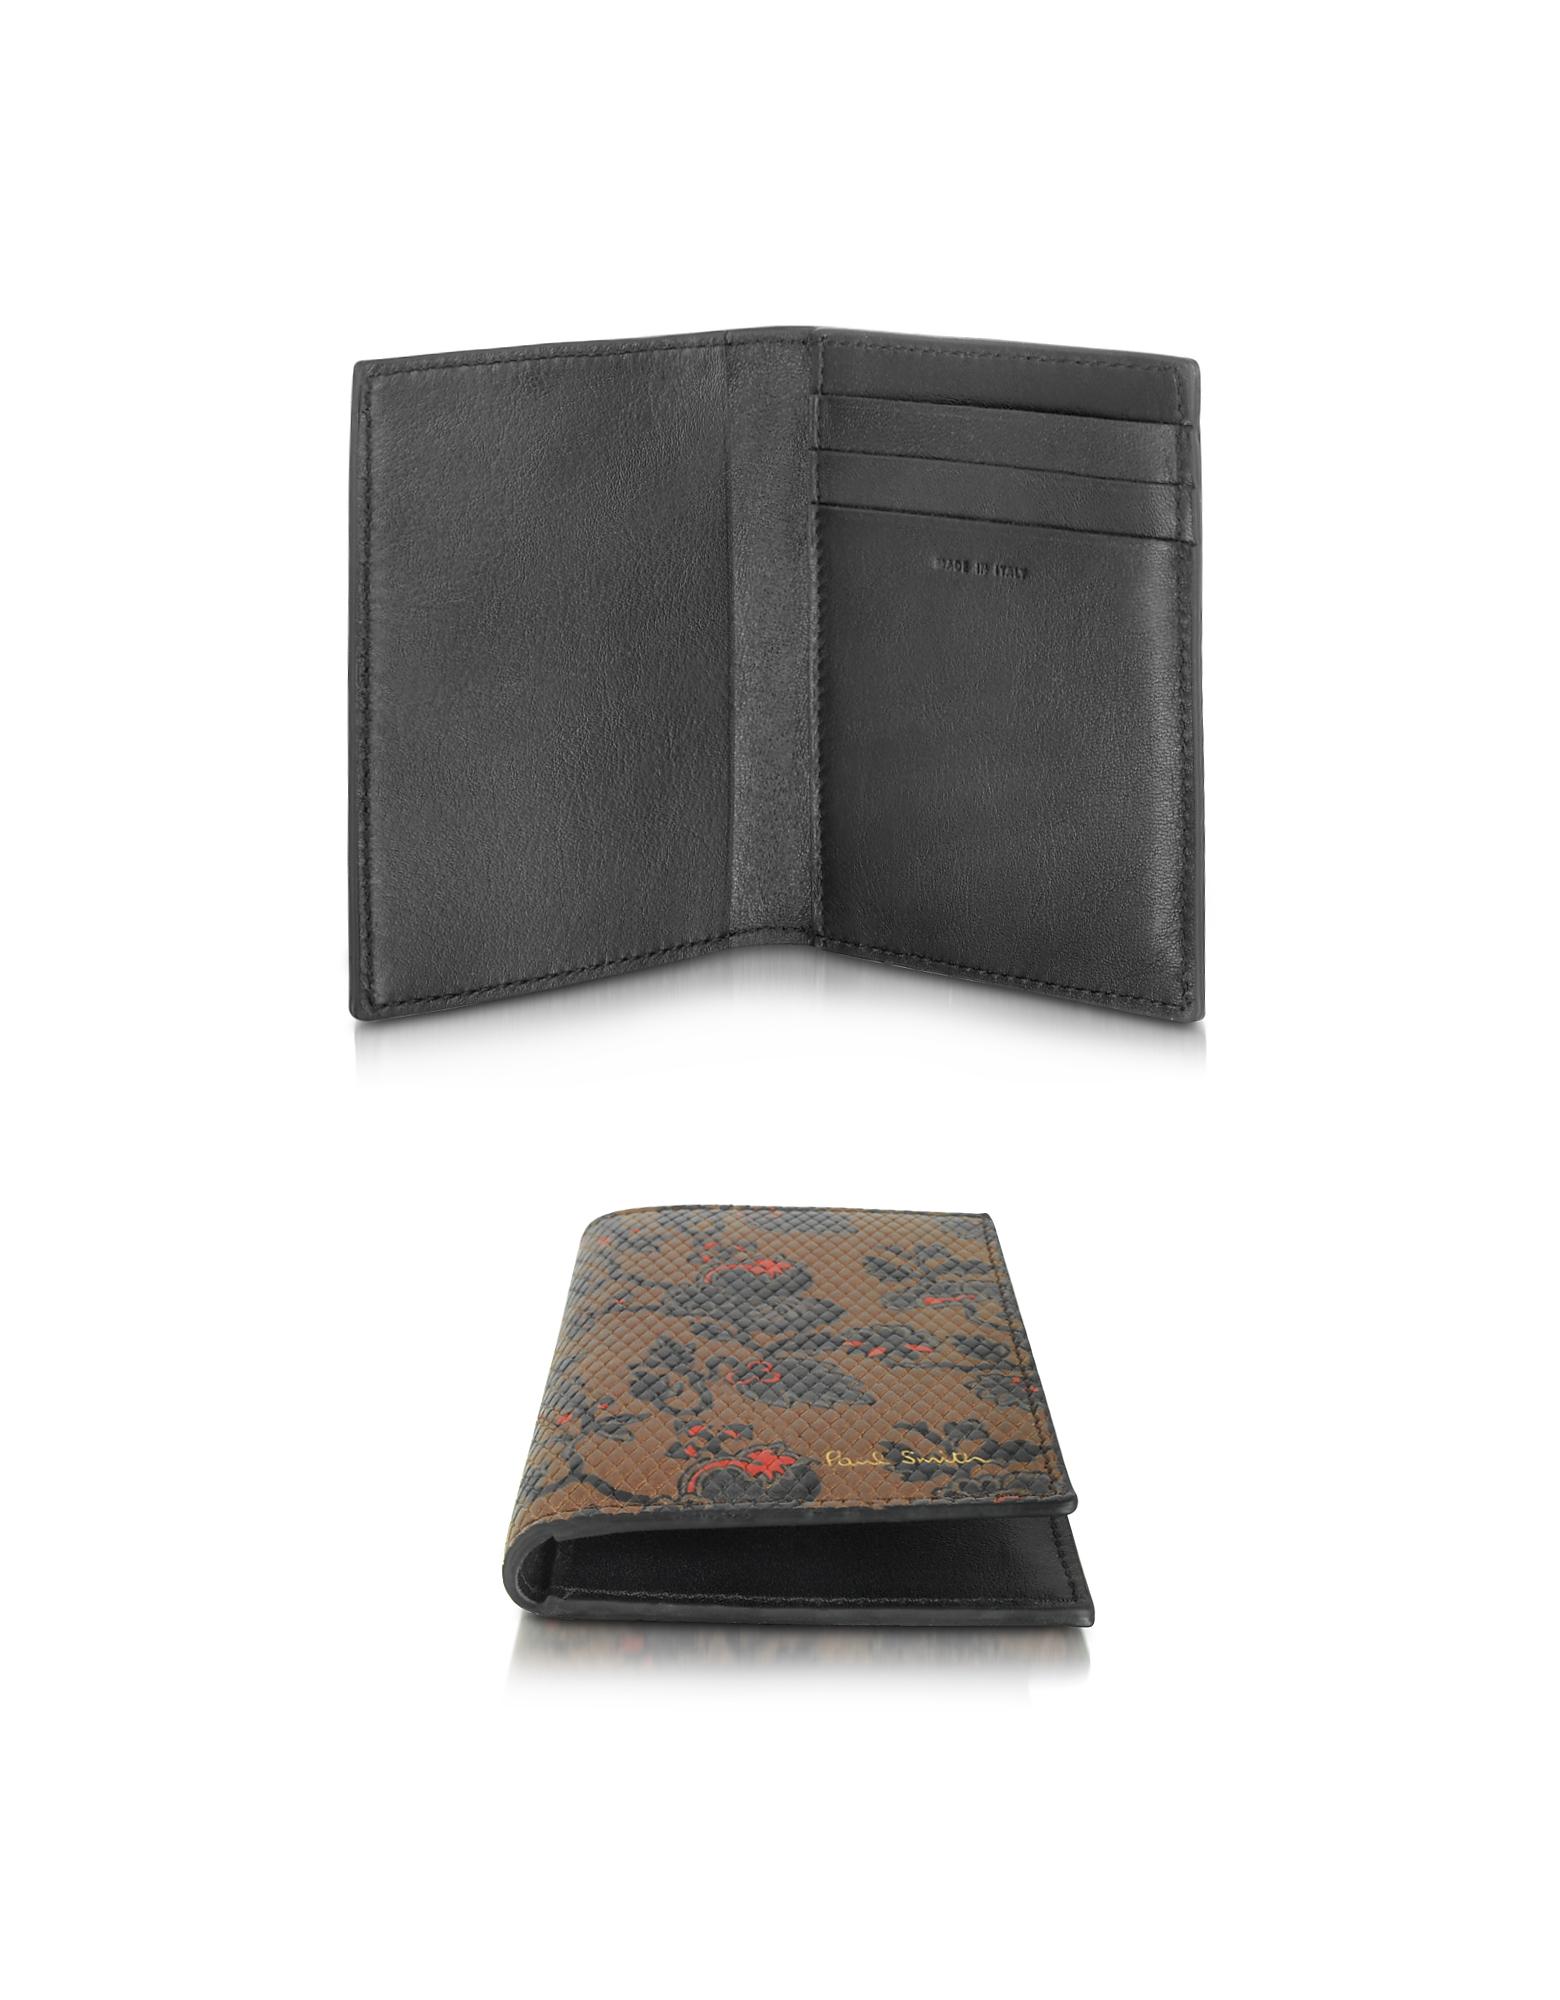 Paul Smith Logan - Мужской Коричневый Кожаный Бумажник для Кредитных Карт с Цветочным Принтом